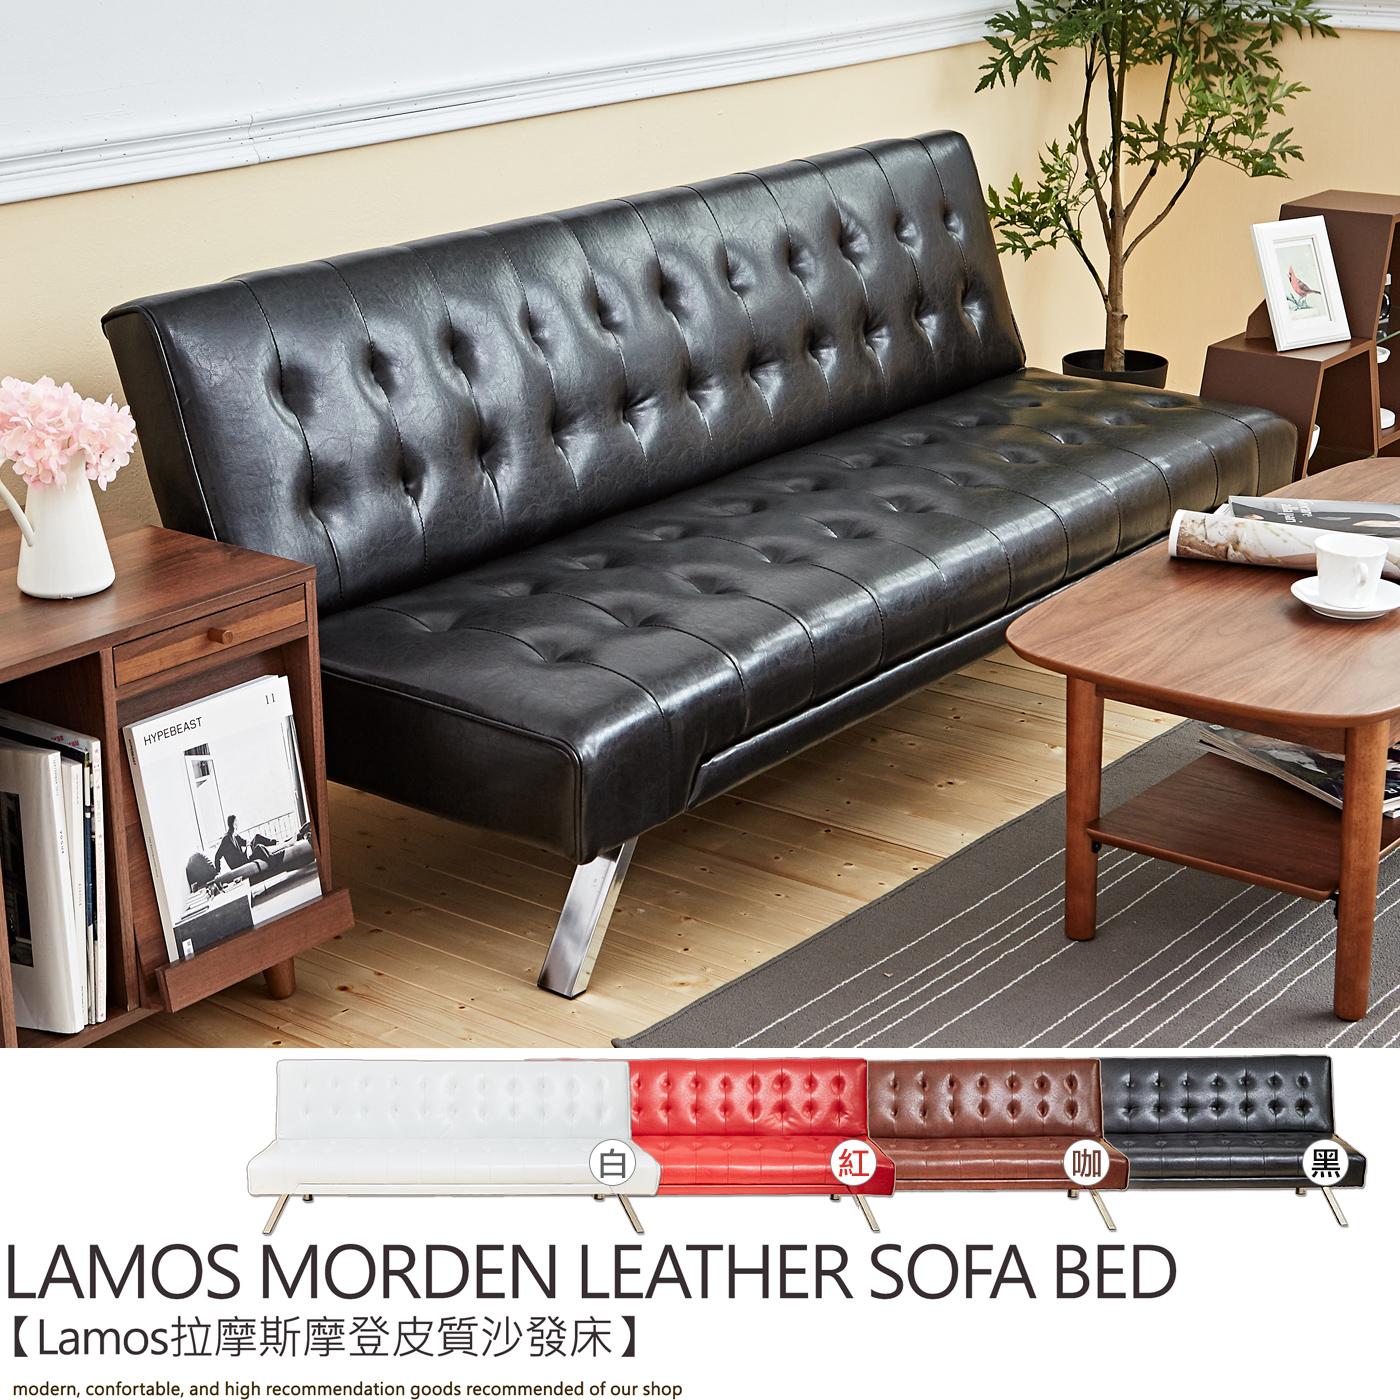 Lamos拉摩斯紐約時尚皮革沙發床★班尼斯國際家具名床